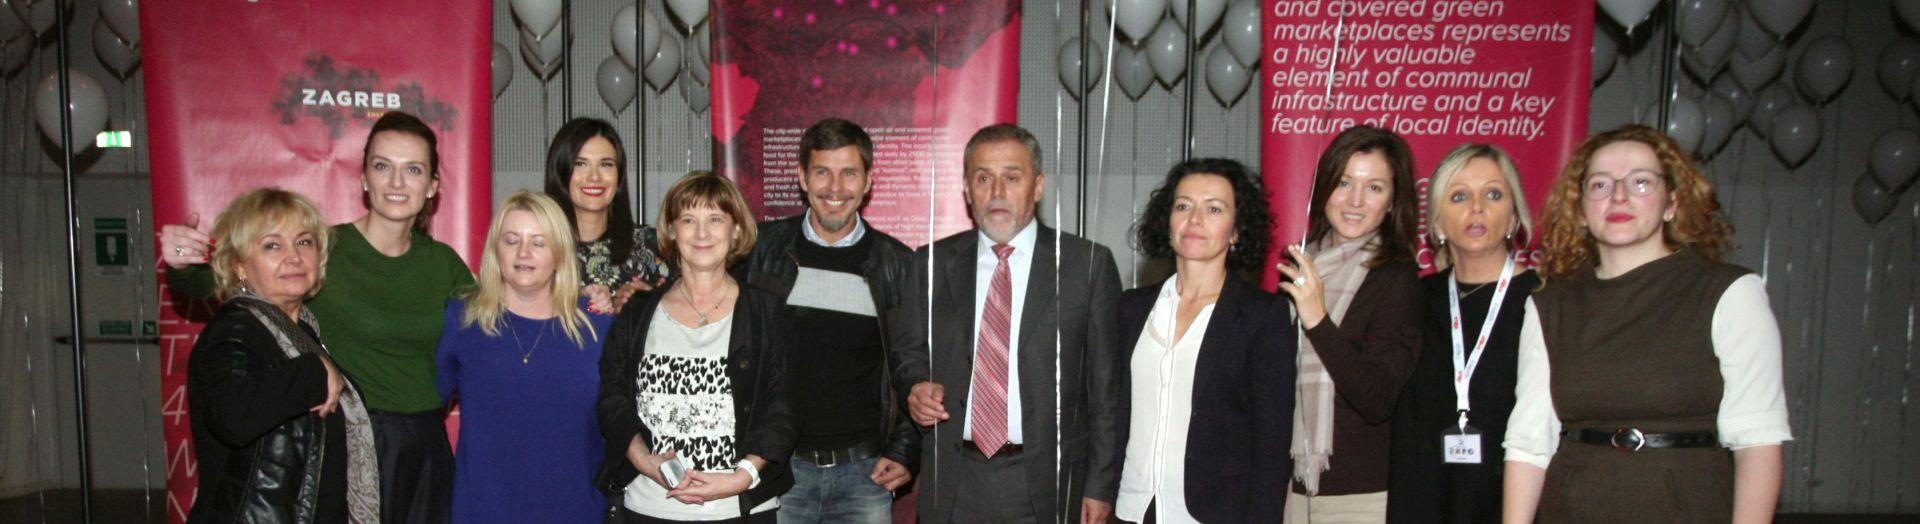 EXPO 2015 Grad Zagreb se predstavio na Svjetskoj izložbi